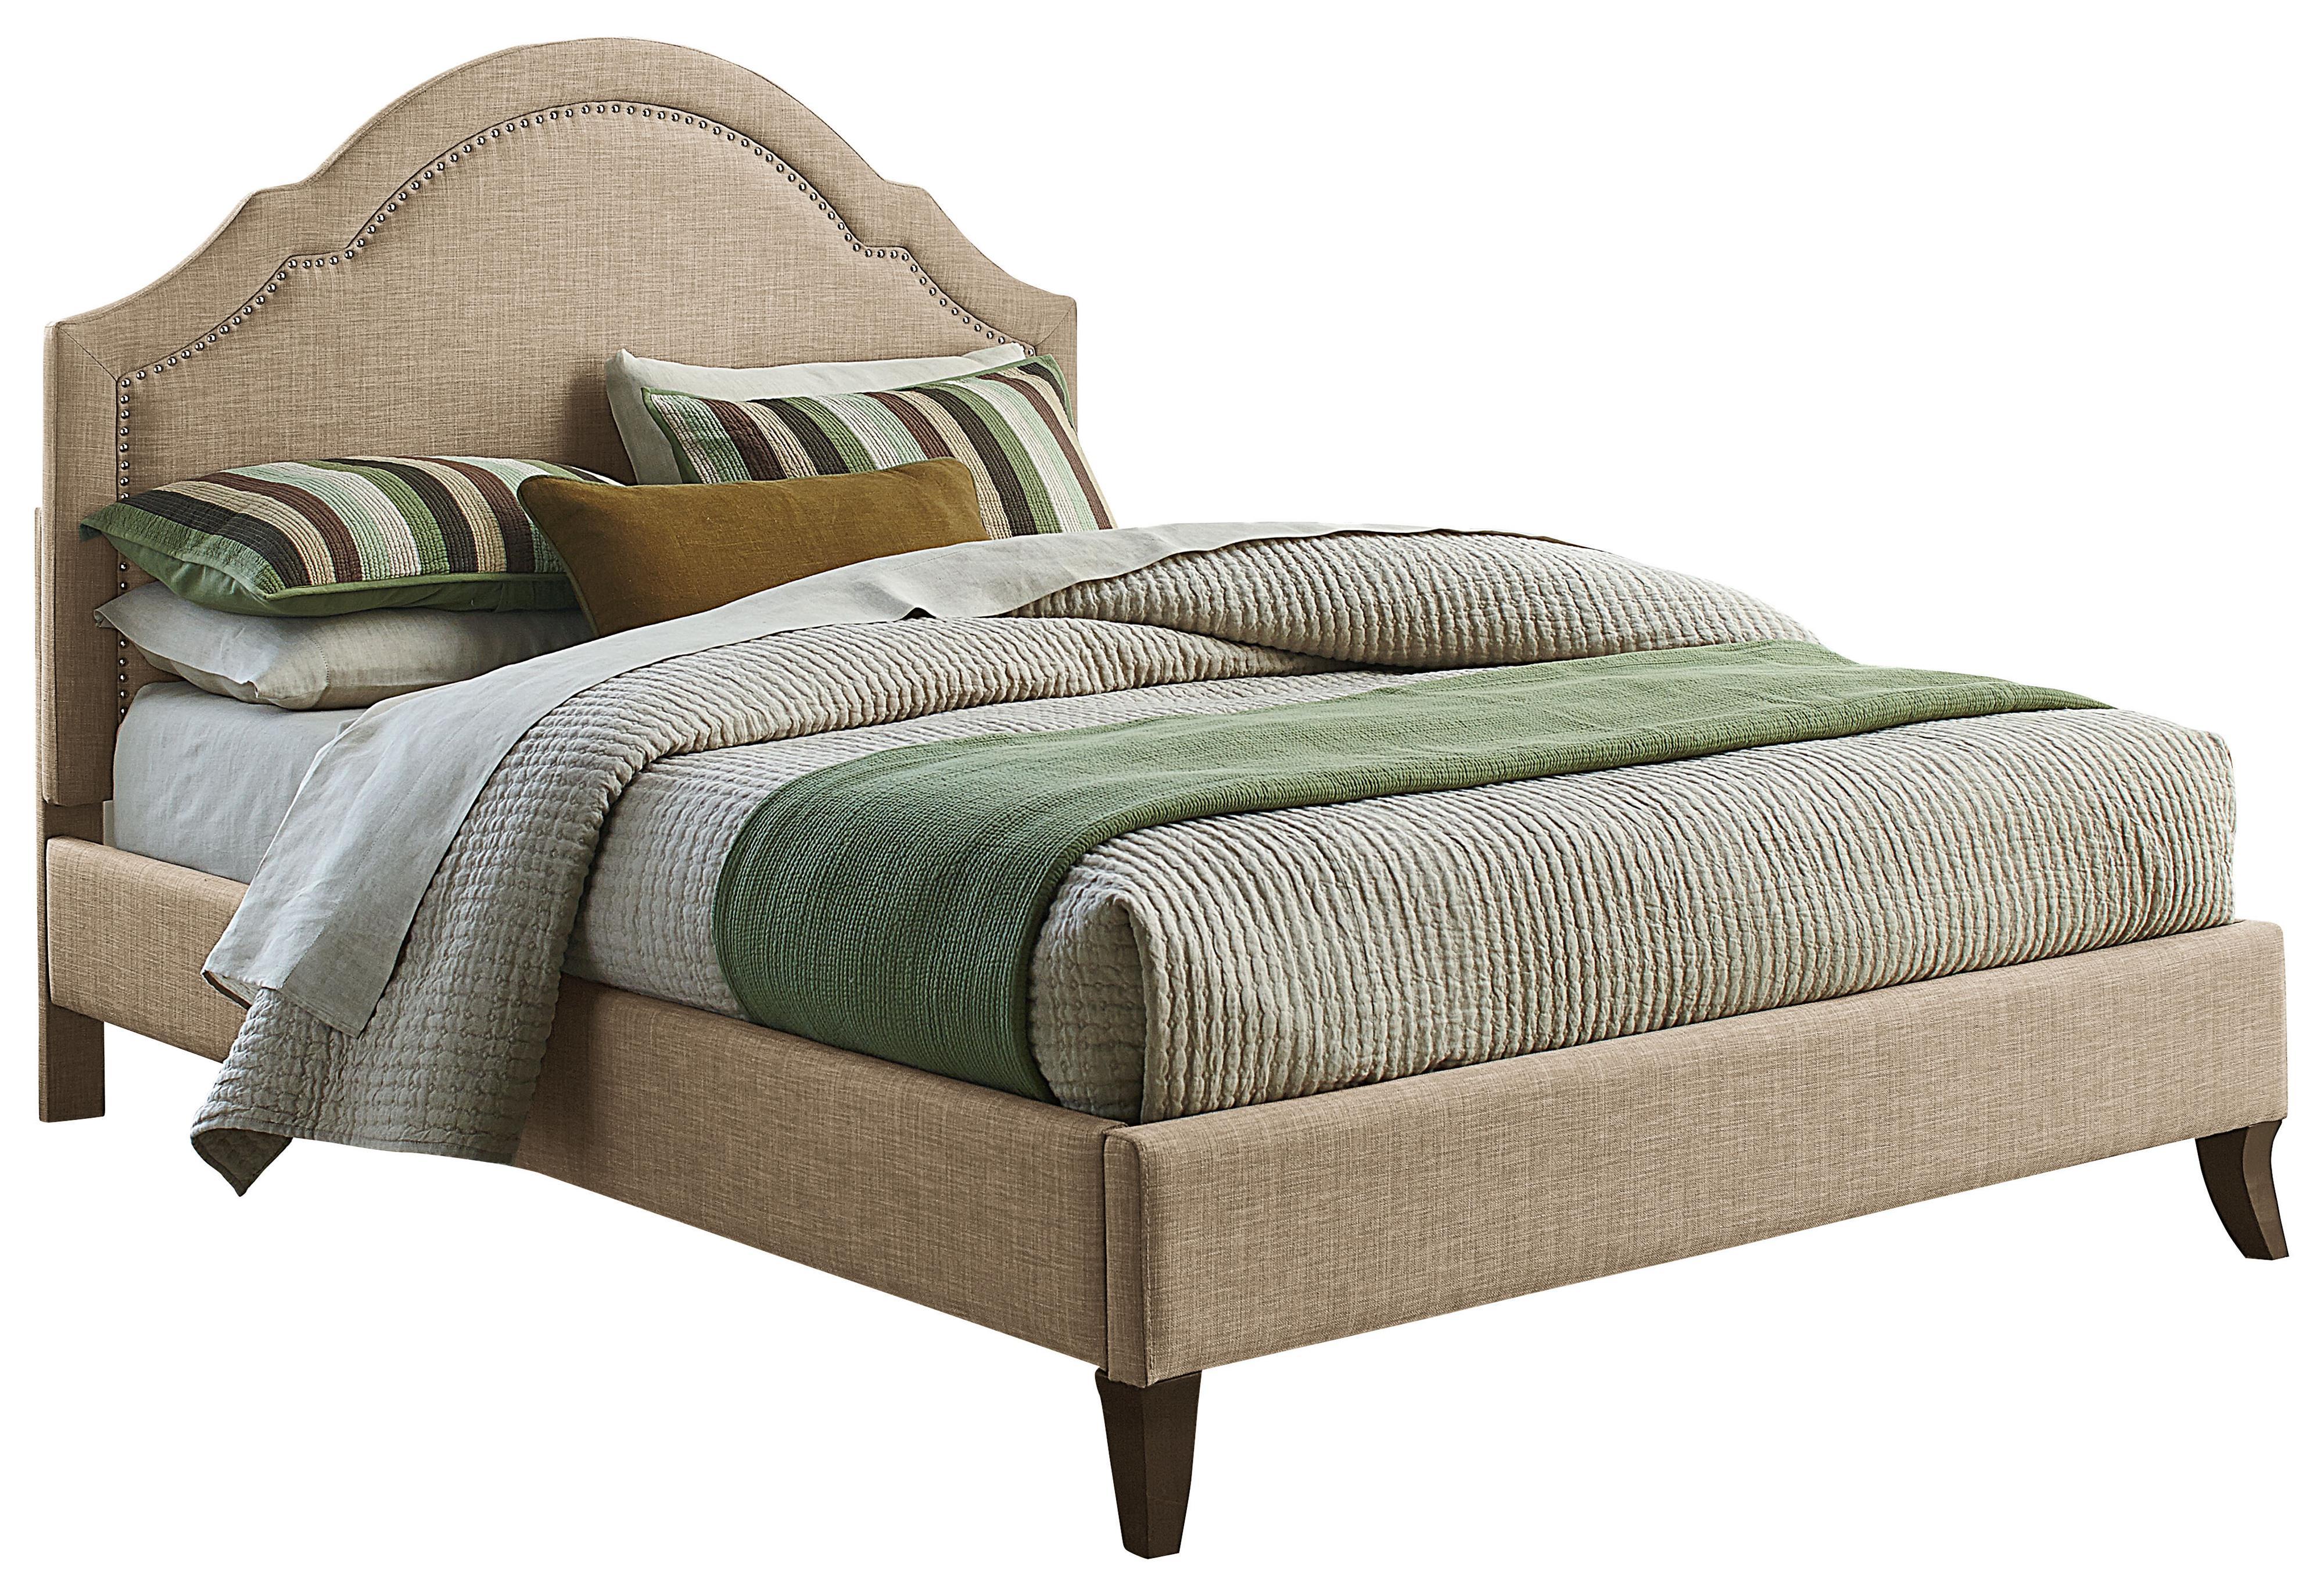 Standard Furniture Simplicity King Upholstered Platform Bed - Item Number: 81666